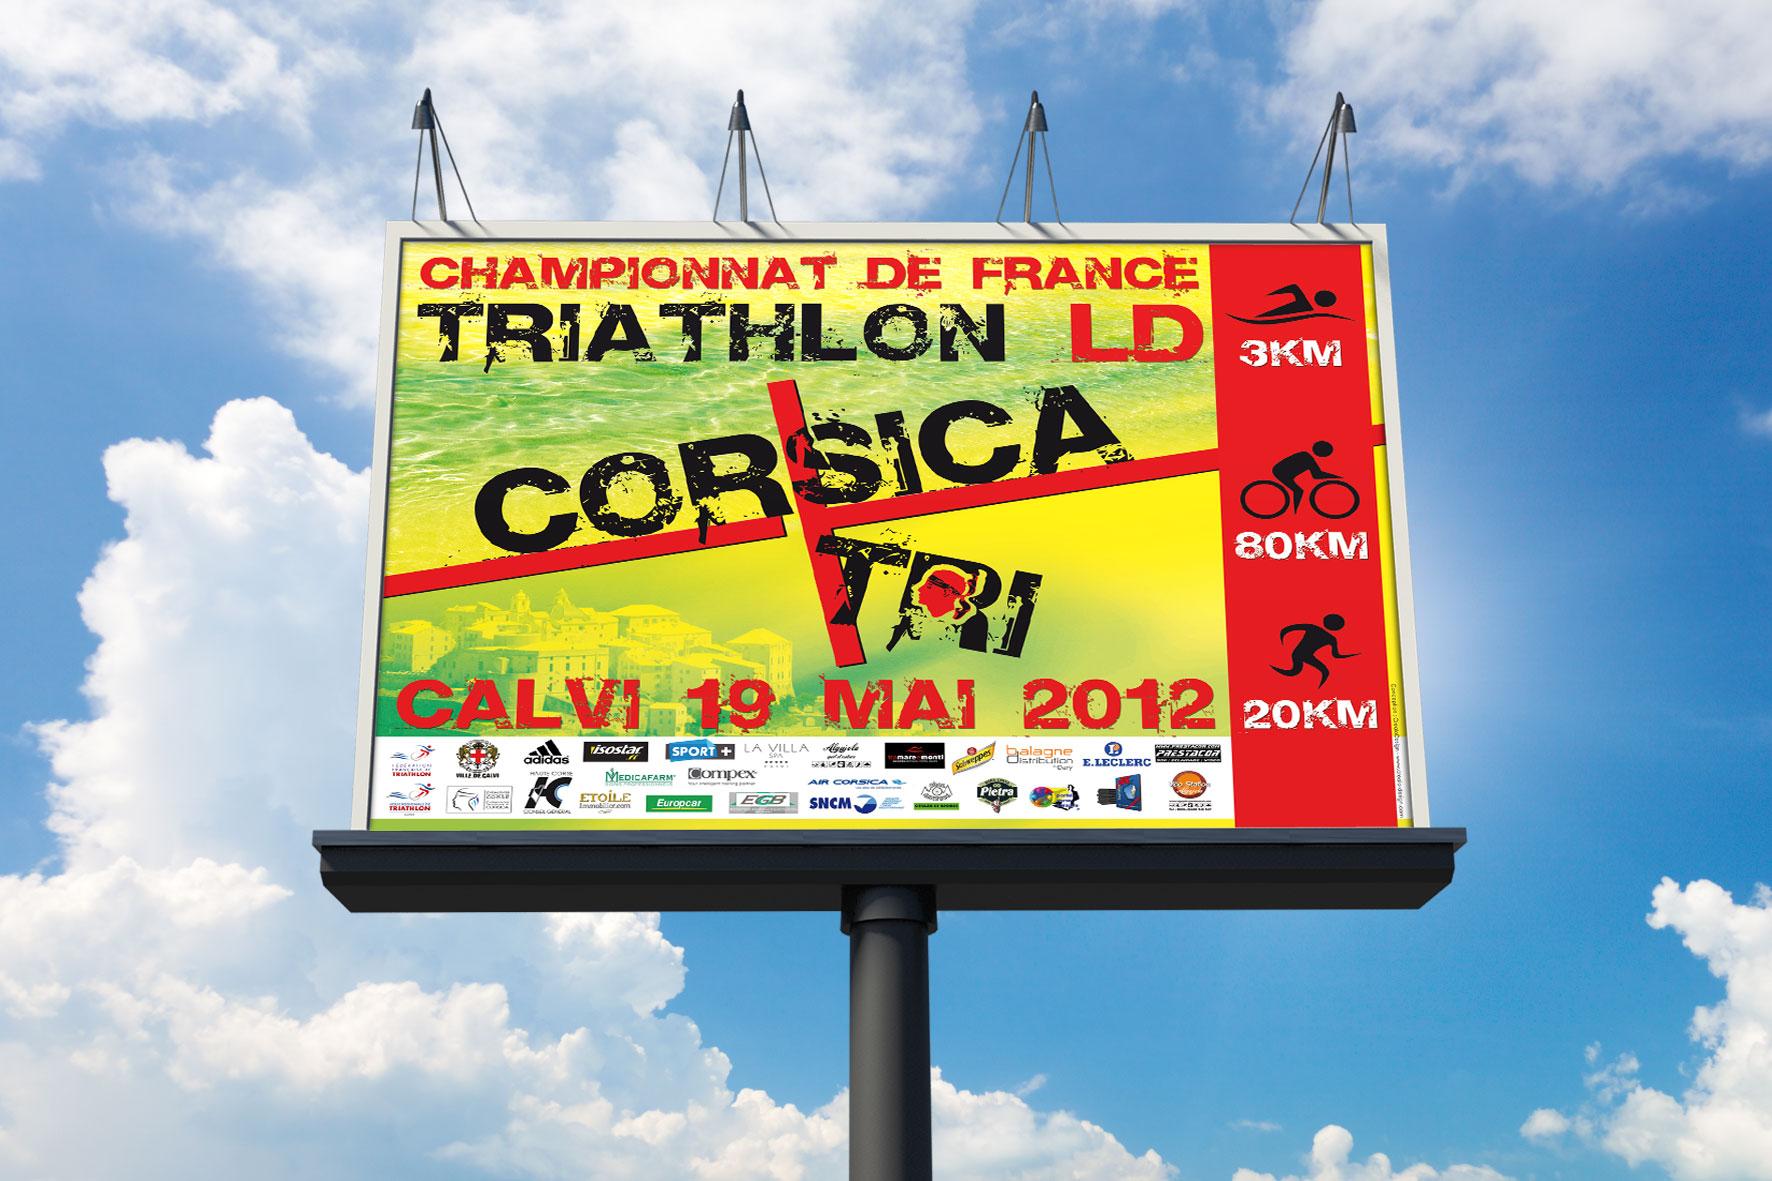 Corsica Tri